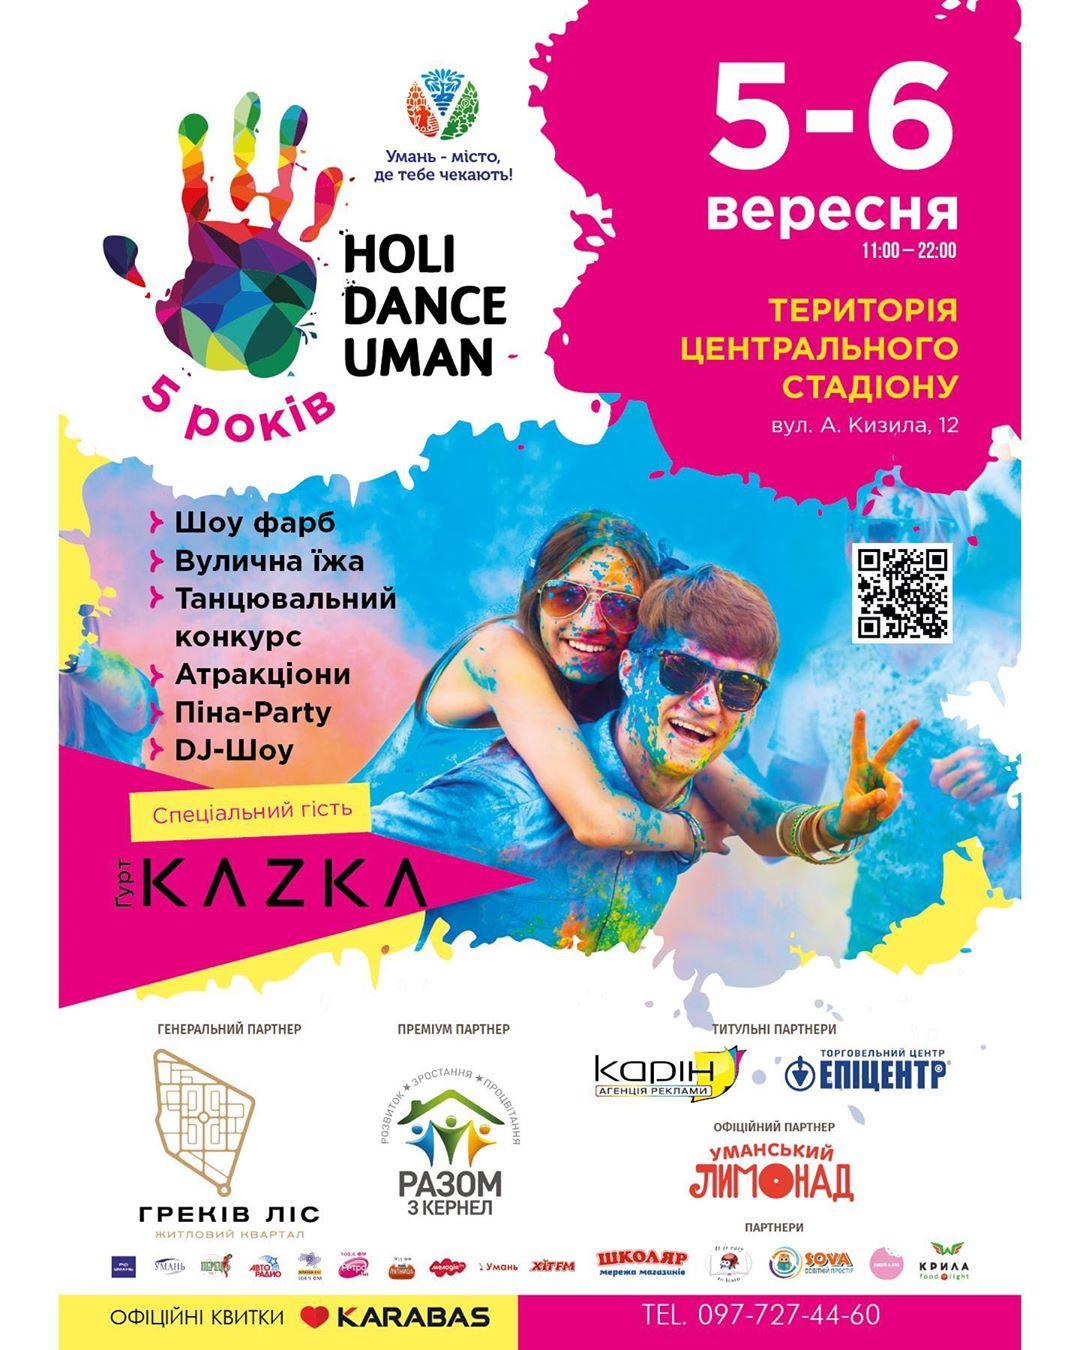 Не пропусти, юбилейный, пятый Holi Dance Uman!